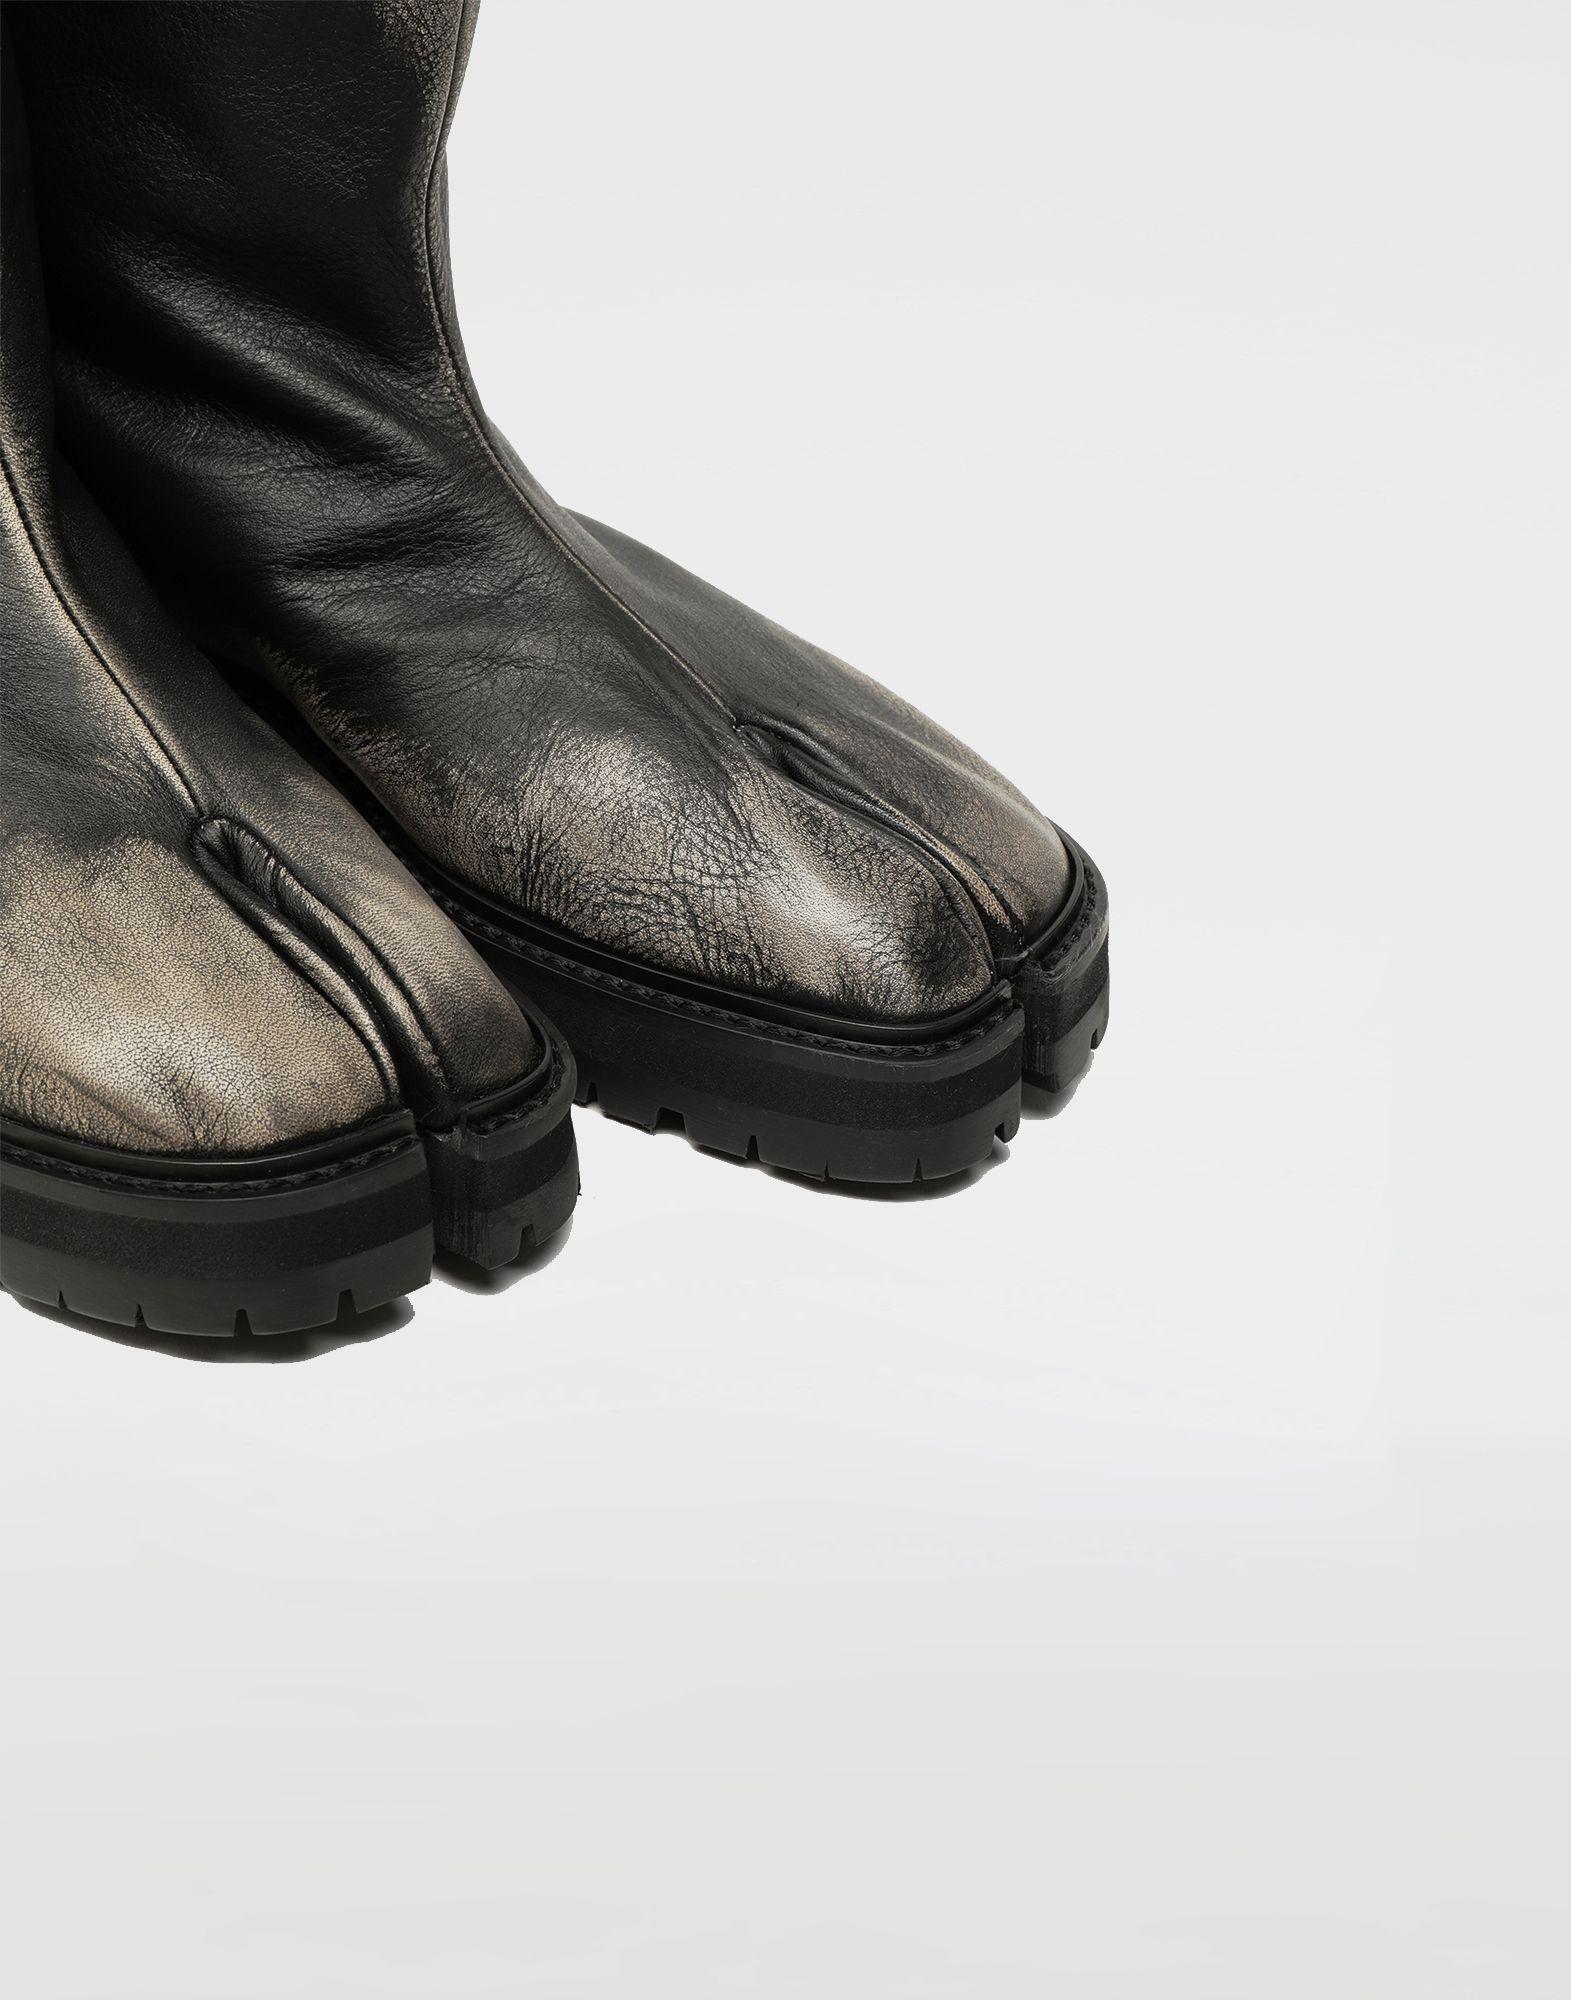 MAISON MARGIELA Tabi leather hunter boots Tabi boots Woman e